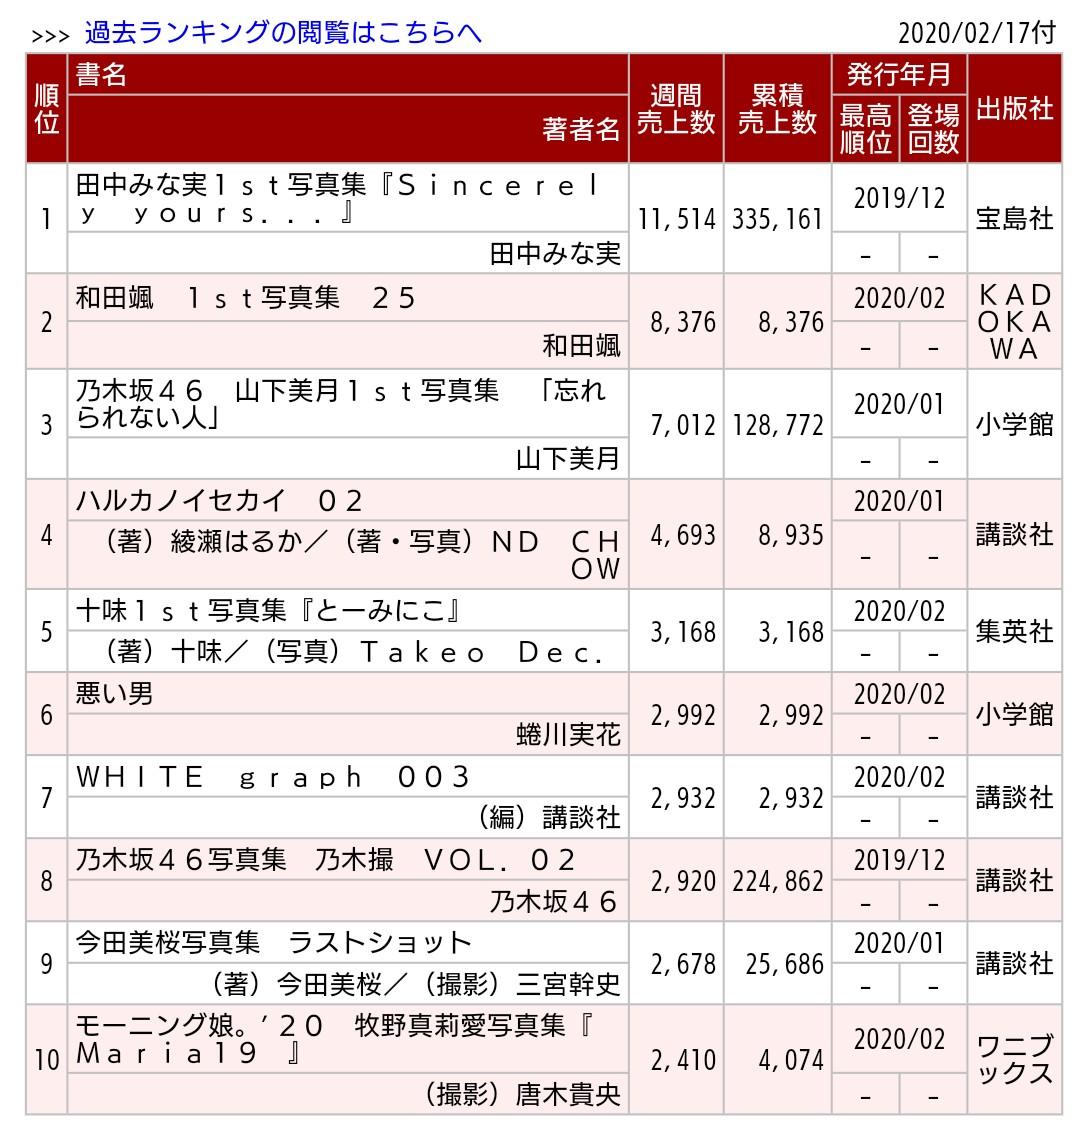 田中みな実1st写真集『Sincerely yours...』9週目1.2万部